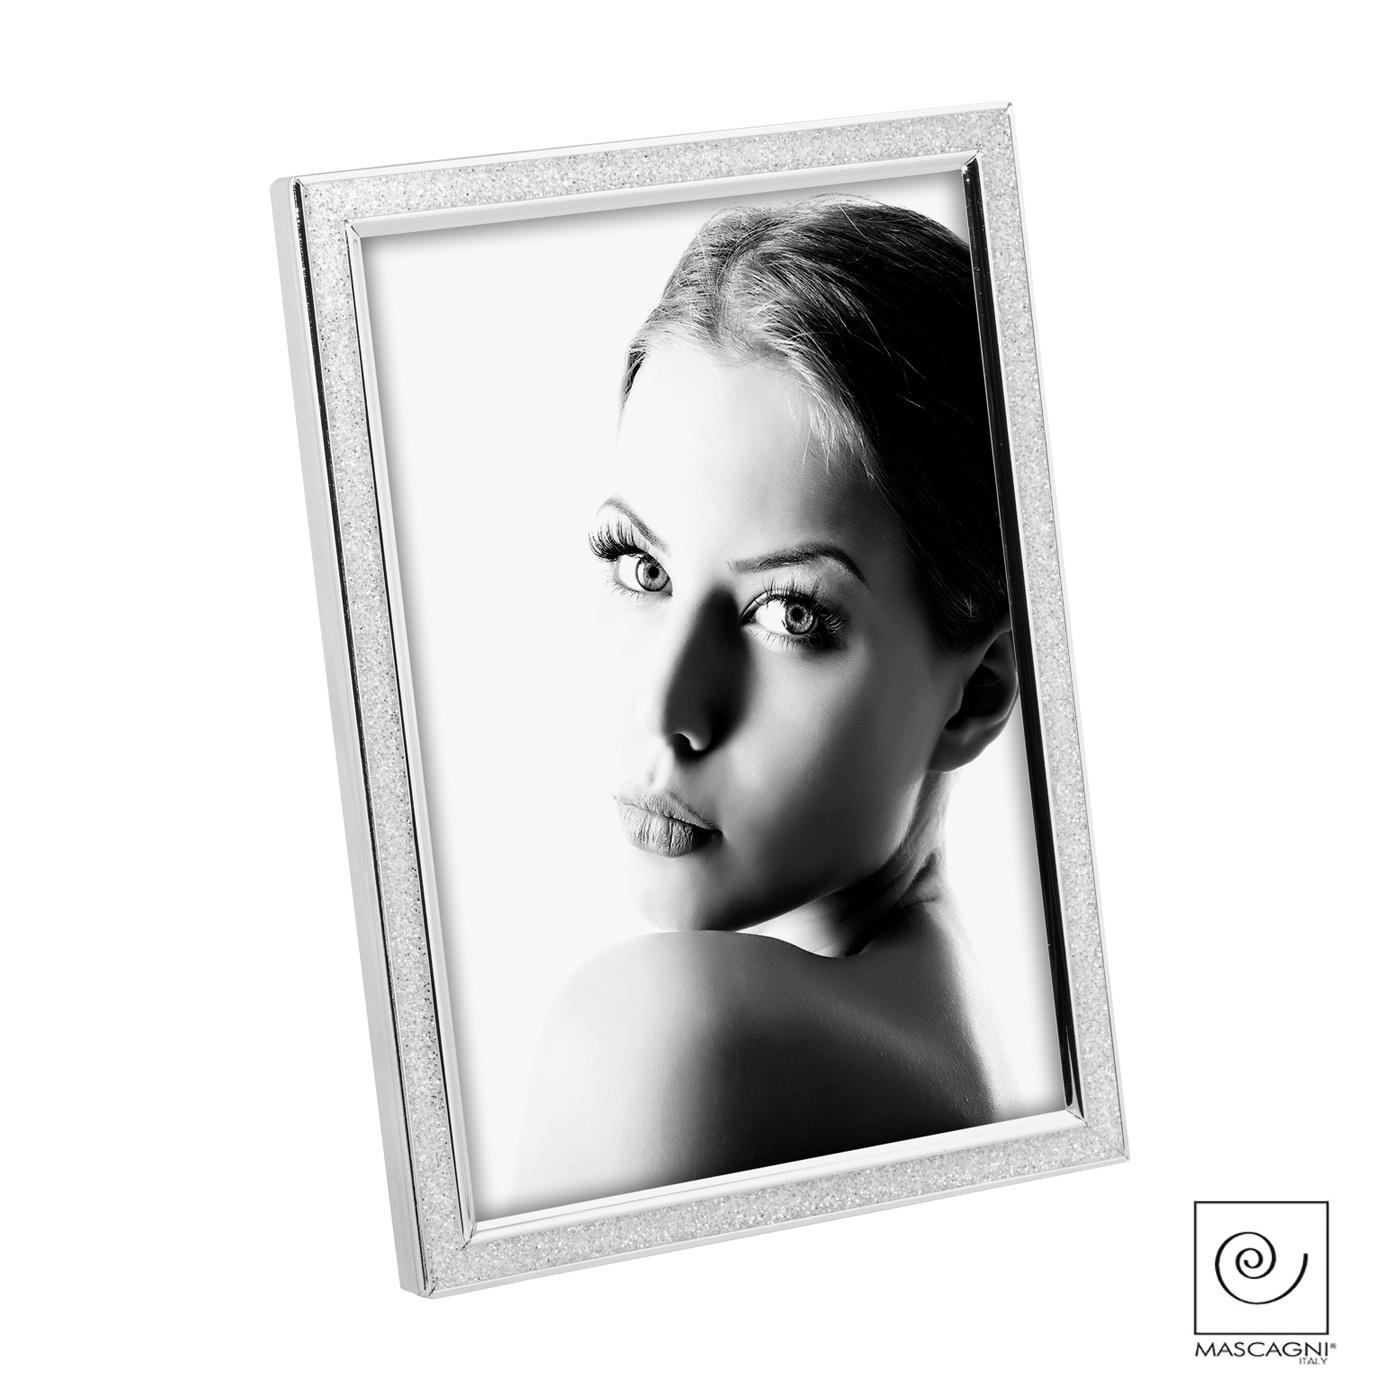 Art Mascagni A1066 PHOTO FRAME 10X15 - COL.WHITE